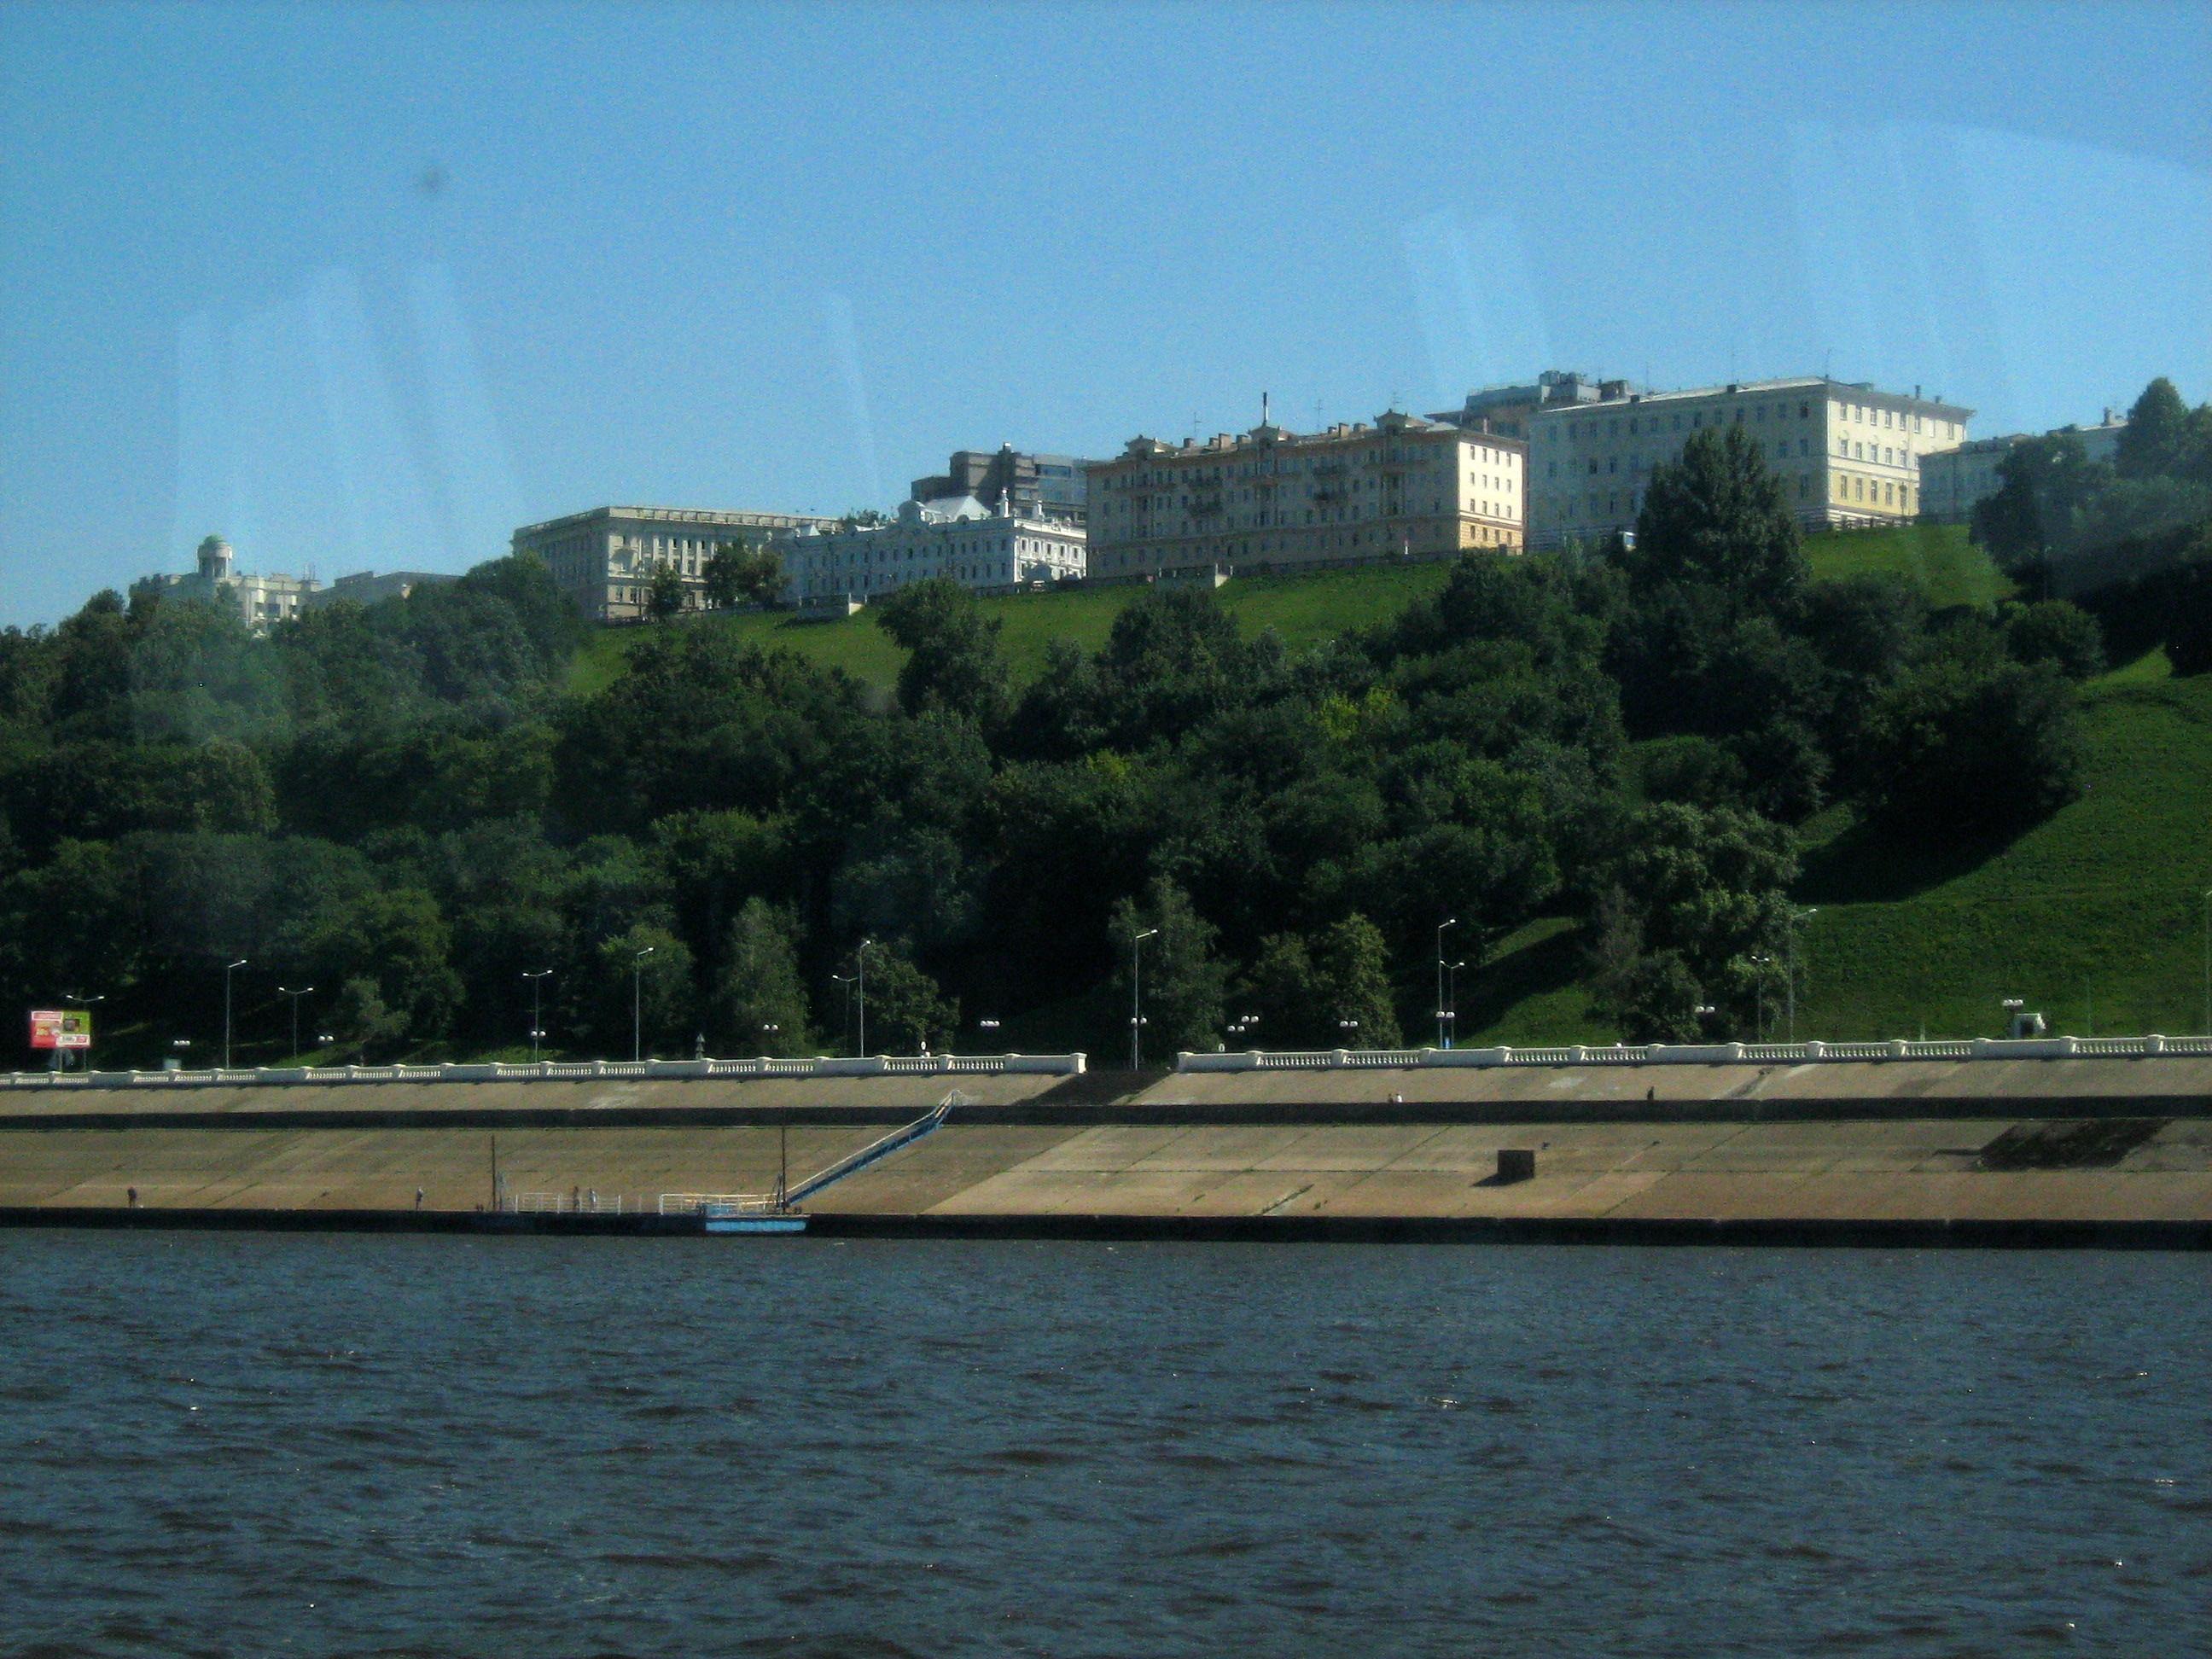 Нижне-, Верхневолжская набережные и Александровский сад между ними